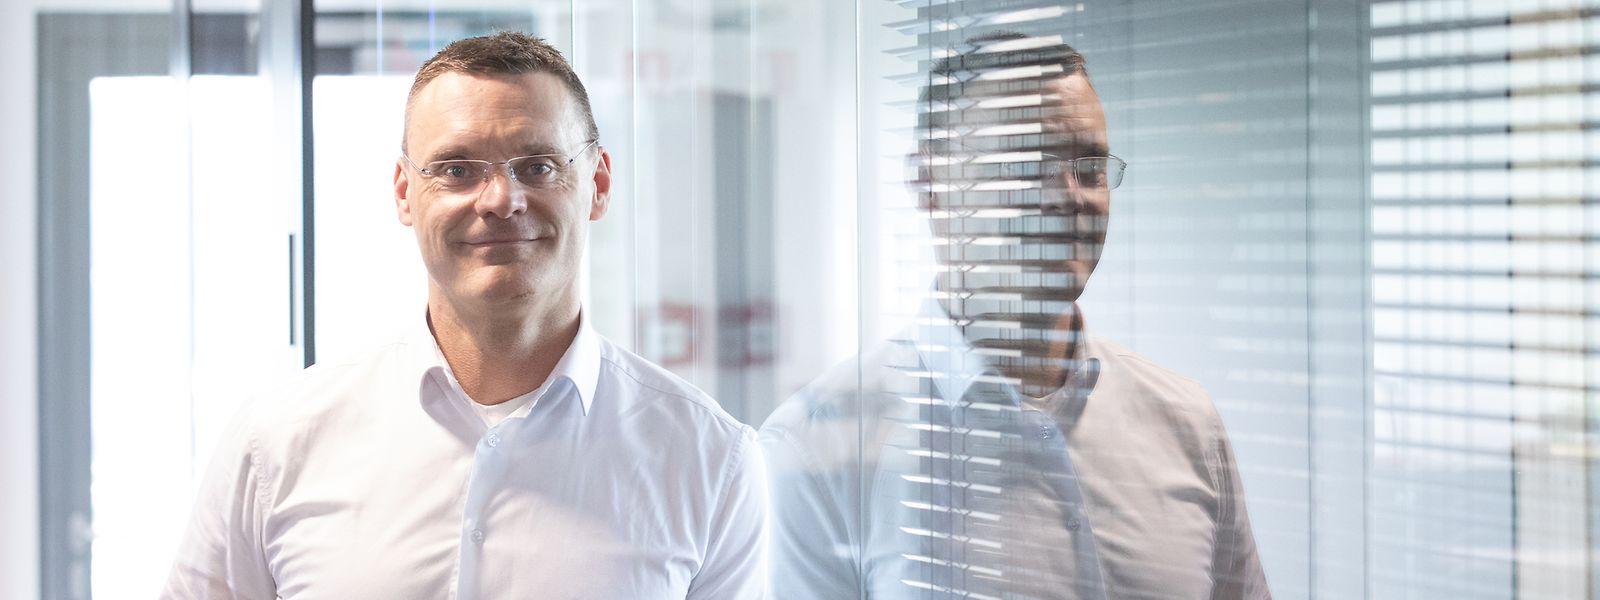 Le directeur général de Luxair, Gilles Feith, continue à carburer à la positivité